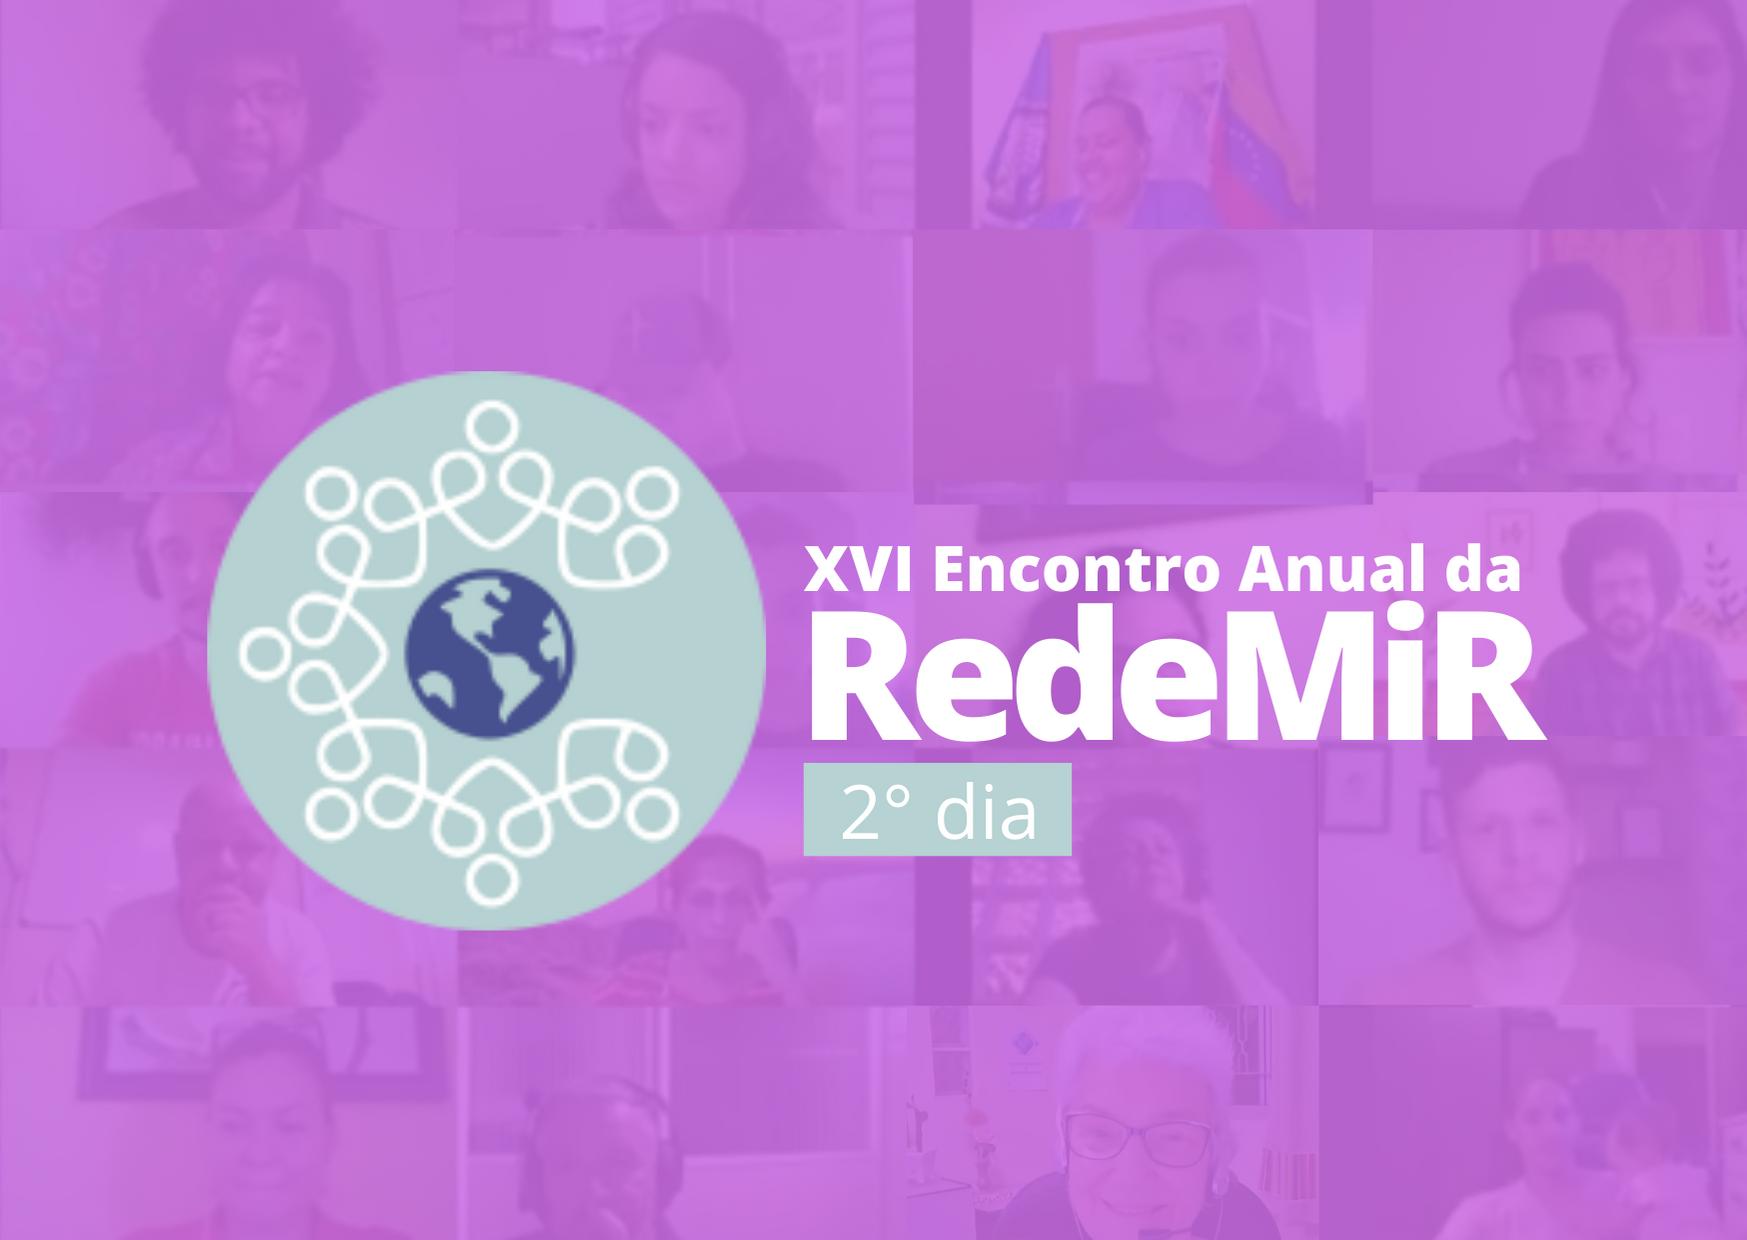 Migração indígena foi o tema do segundo dia do encontro da RedeMiR